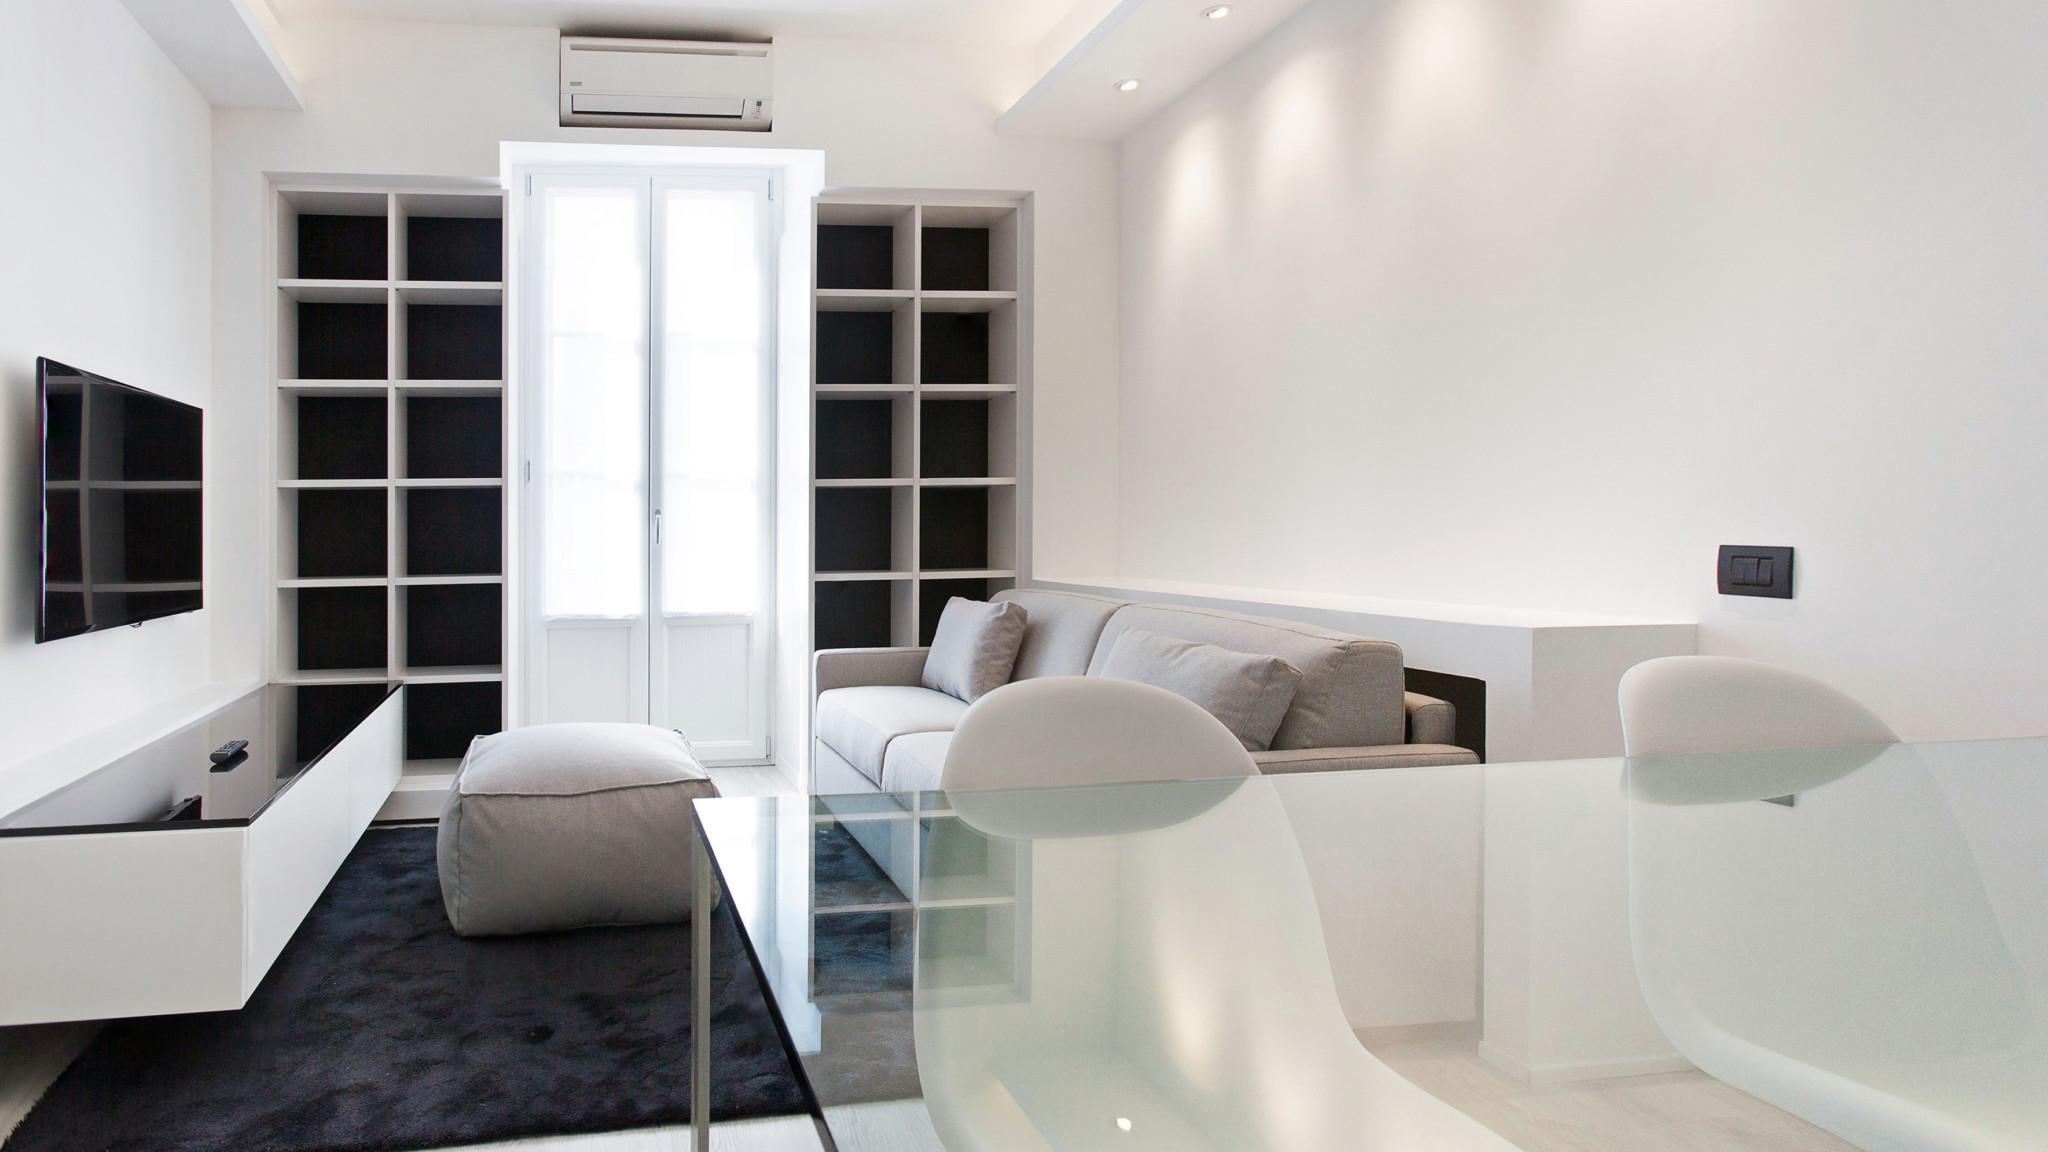 Flavio chiesa fotografo di interni per hotel architetti for Architetti per interni